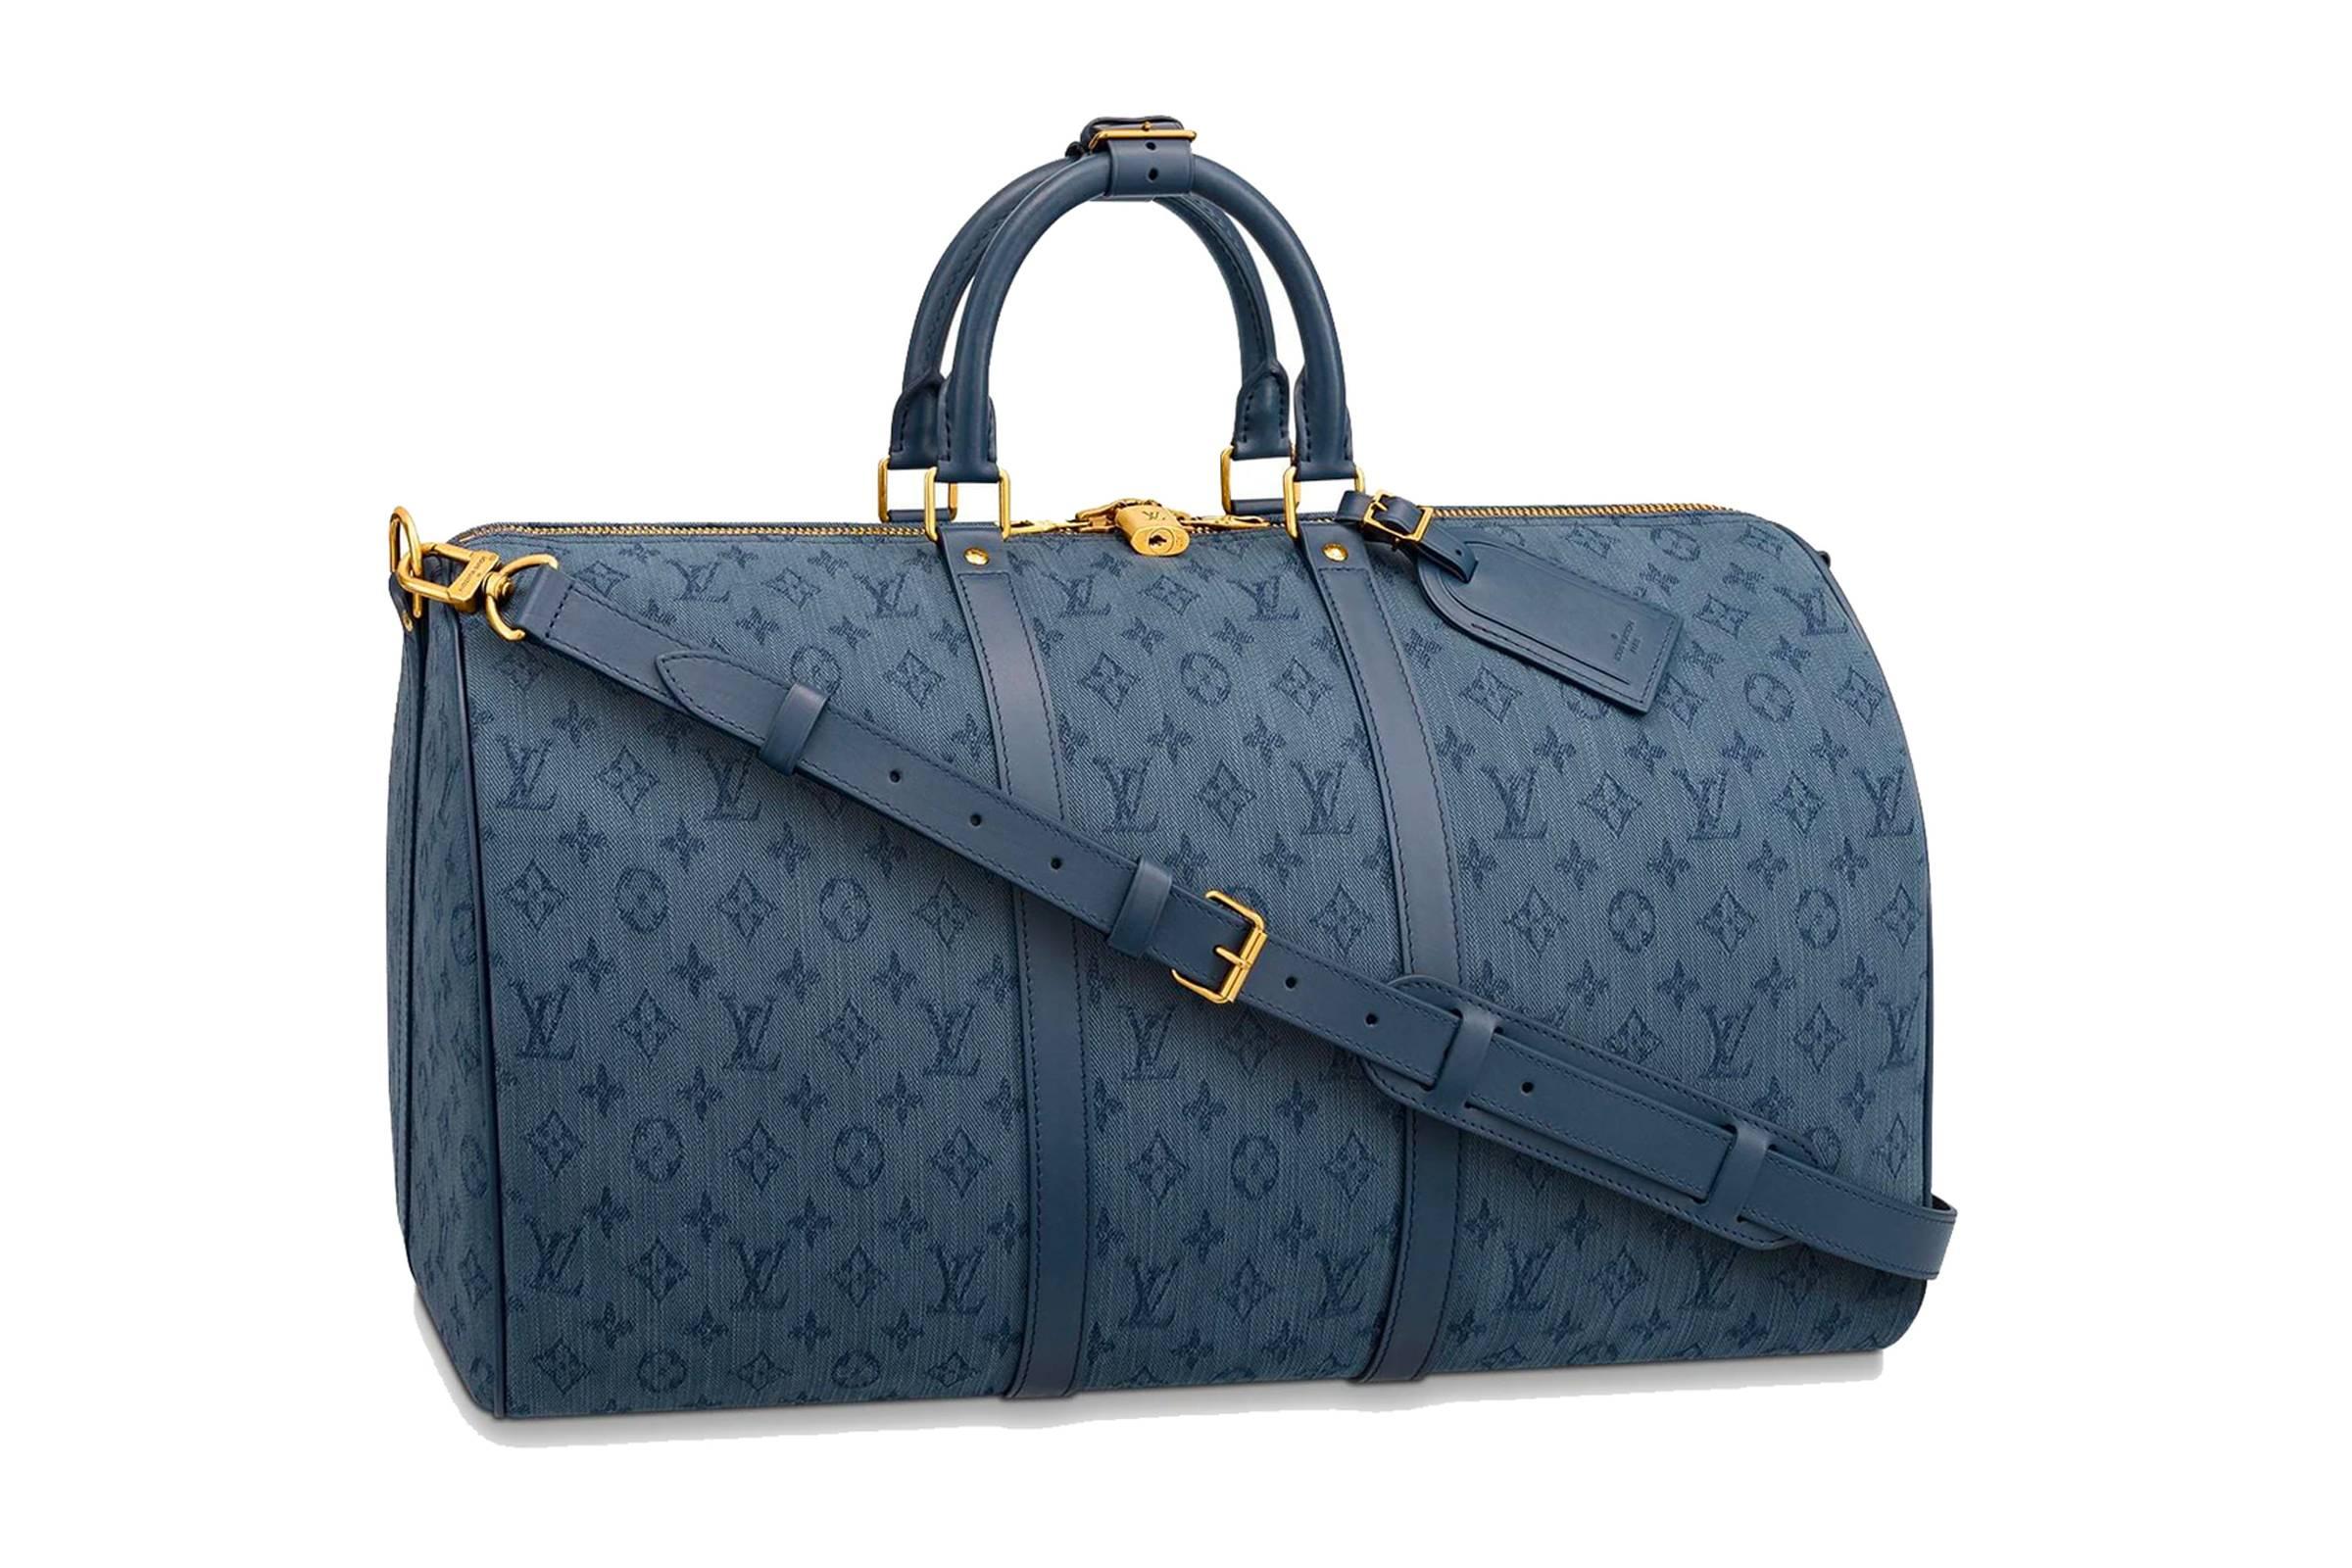 Louis Vuitton Bandoulière Keepall 50 Blue Monogram Denim